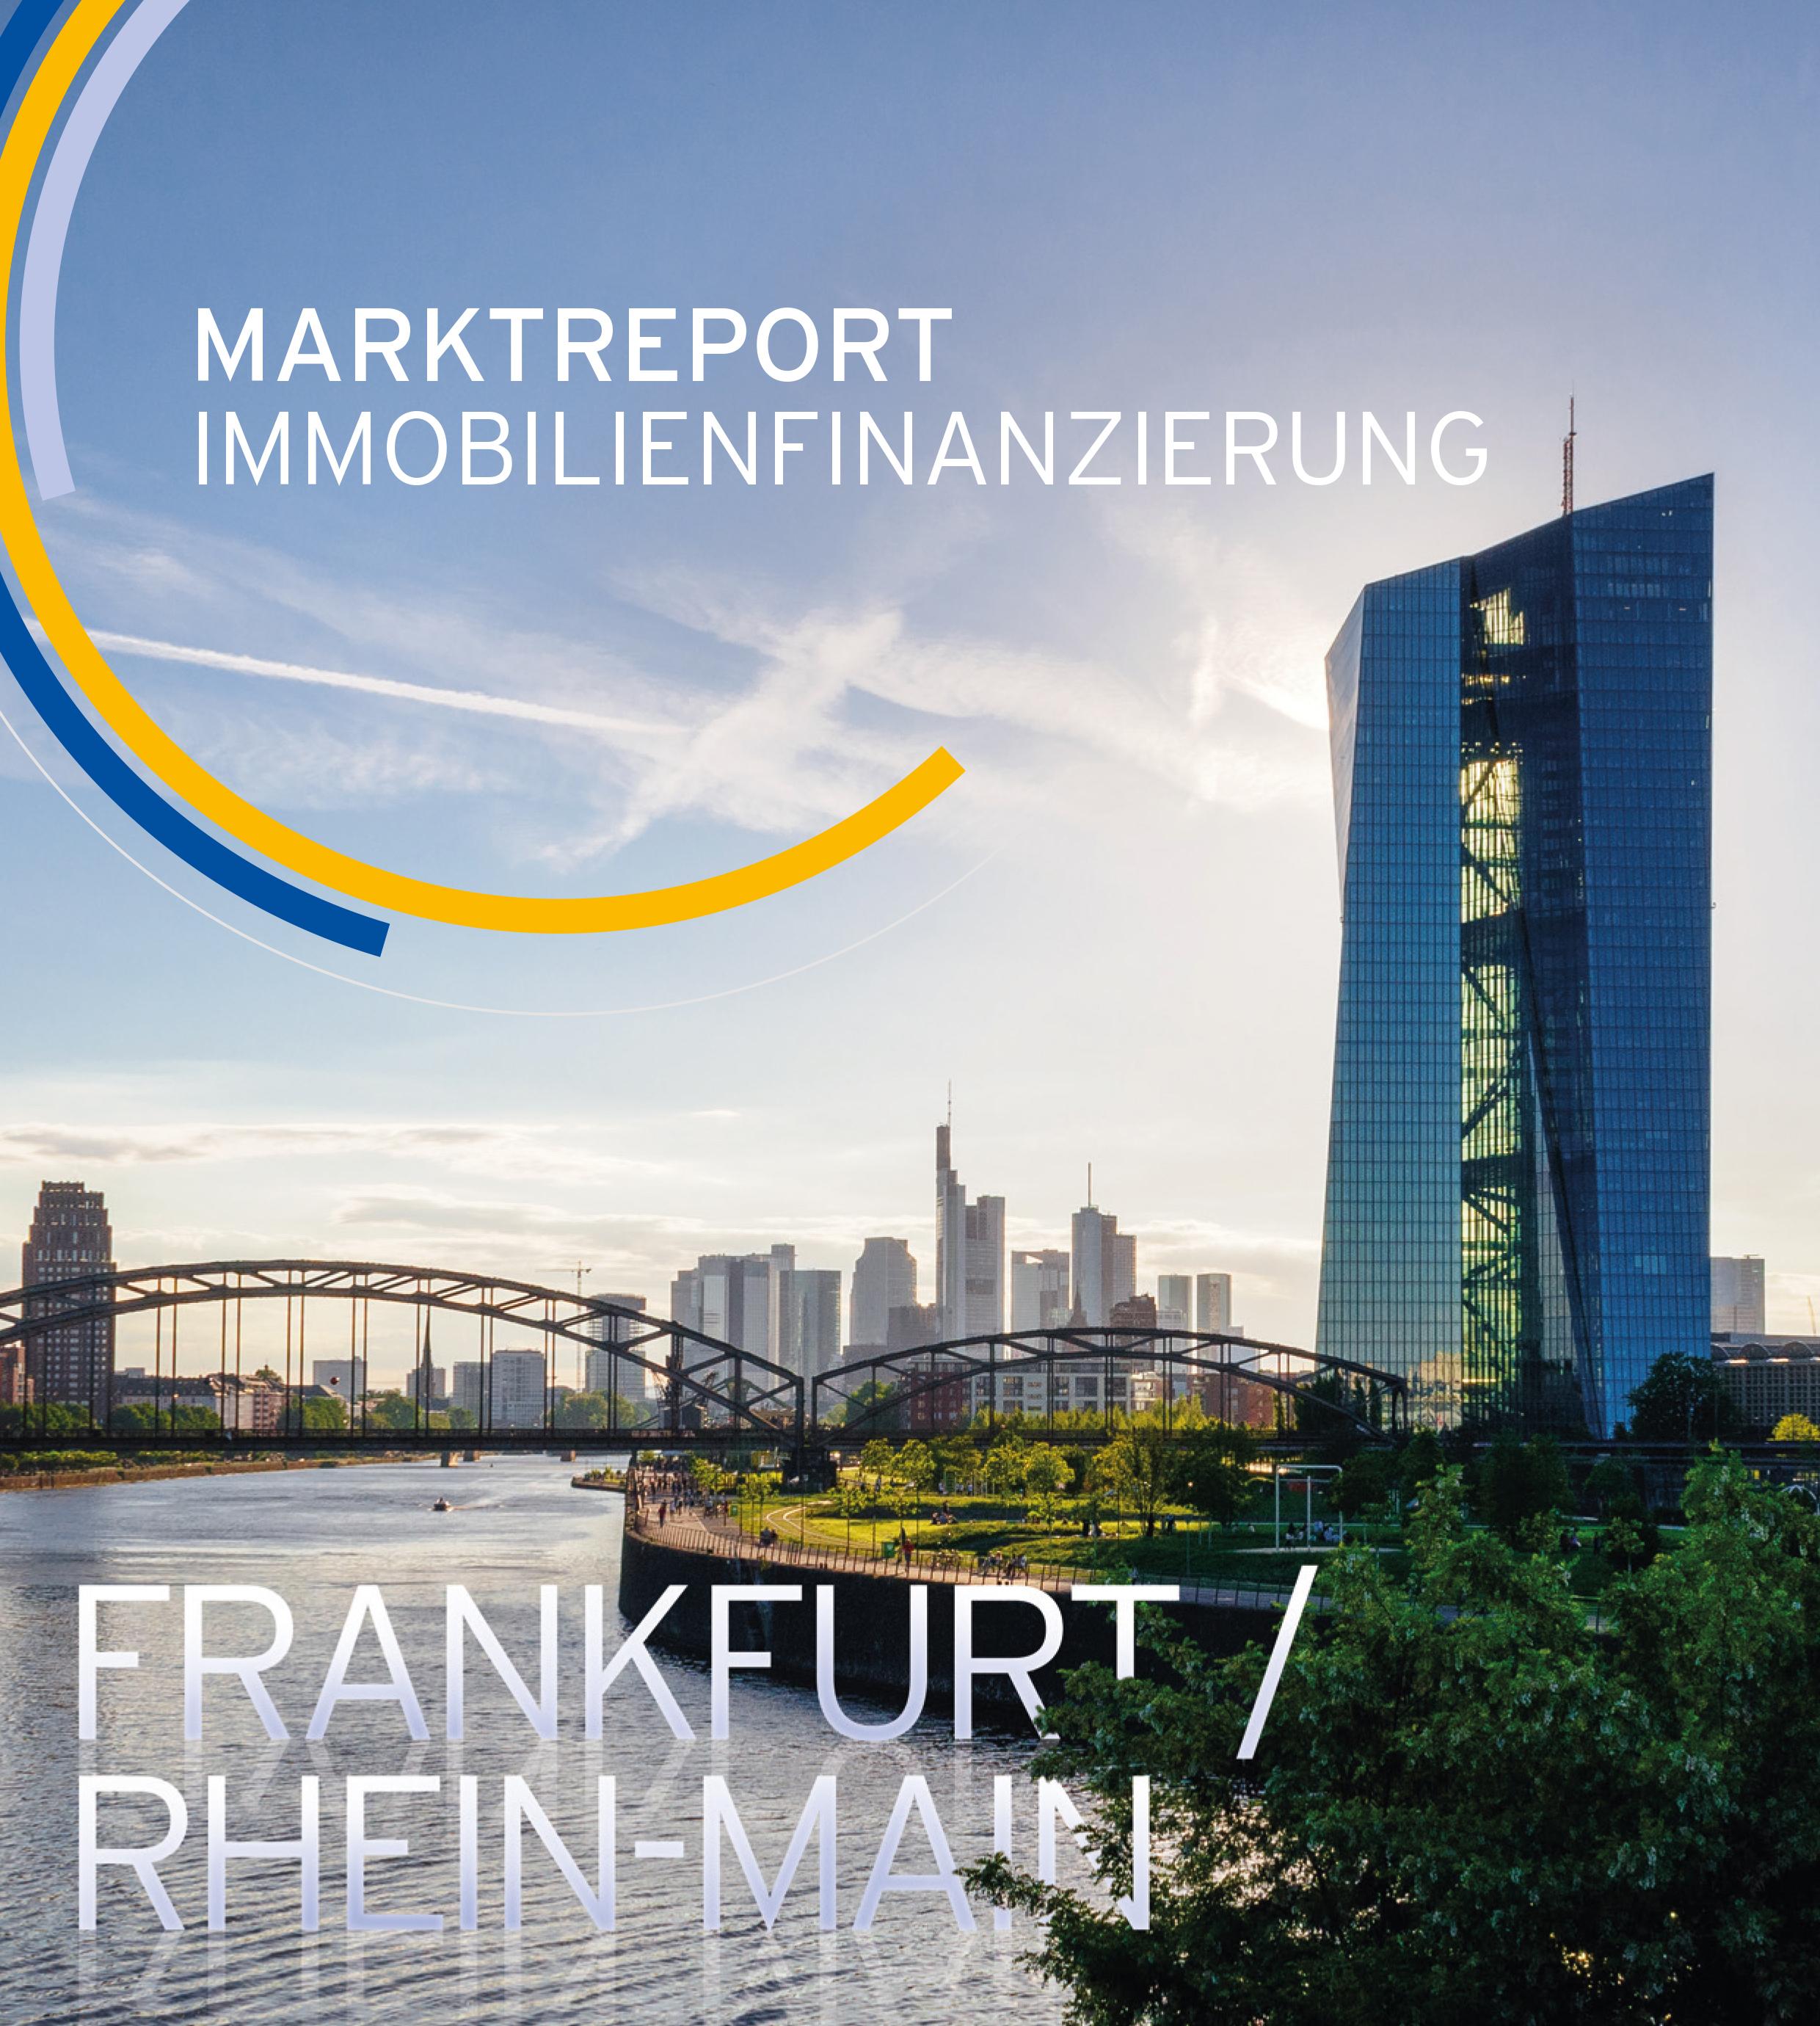 """Titelblatt des Marktreports """"Immobilienfinanzierung Frankfurt / Rhein-Main"""""""